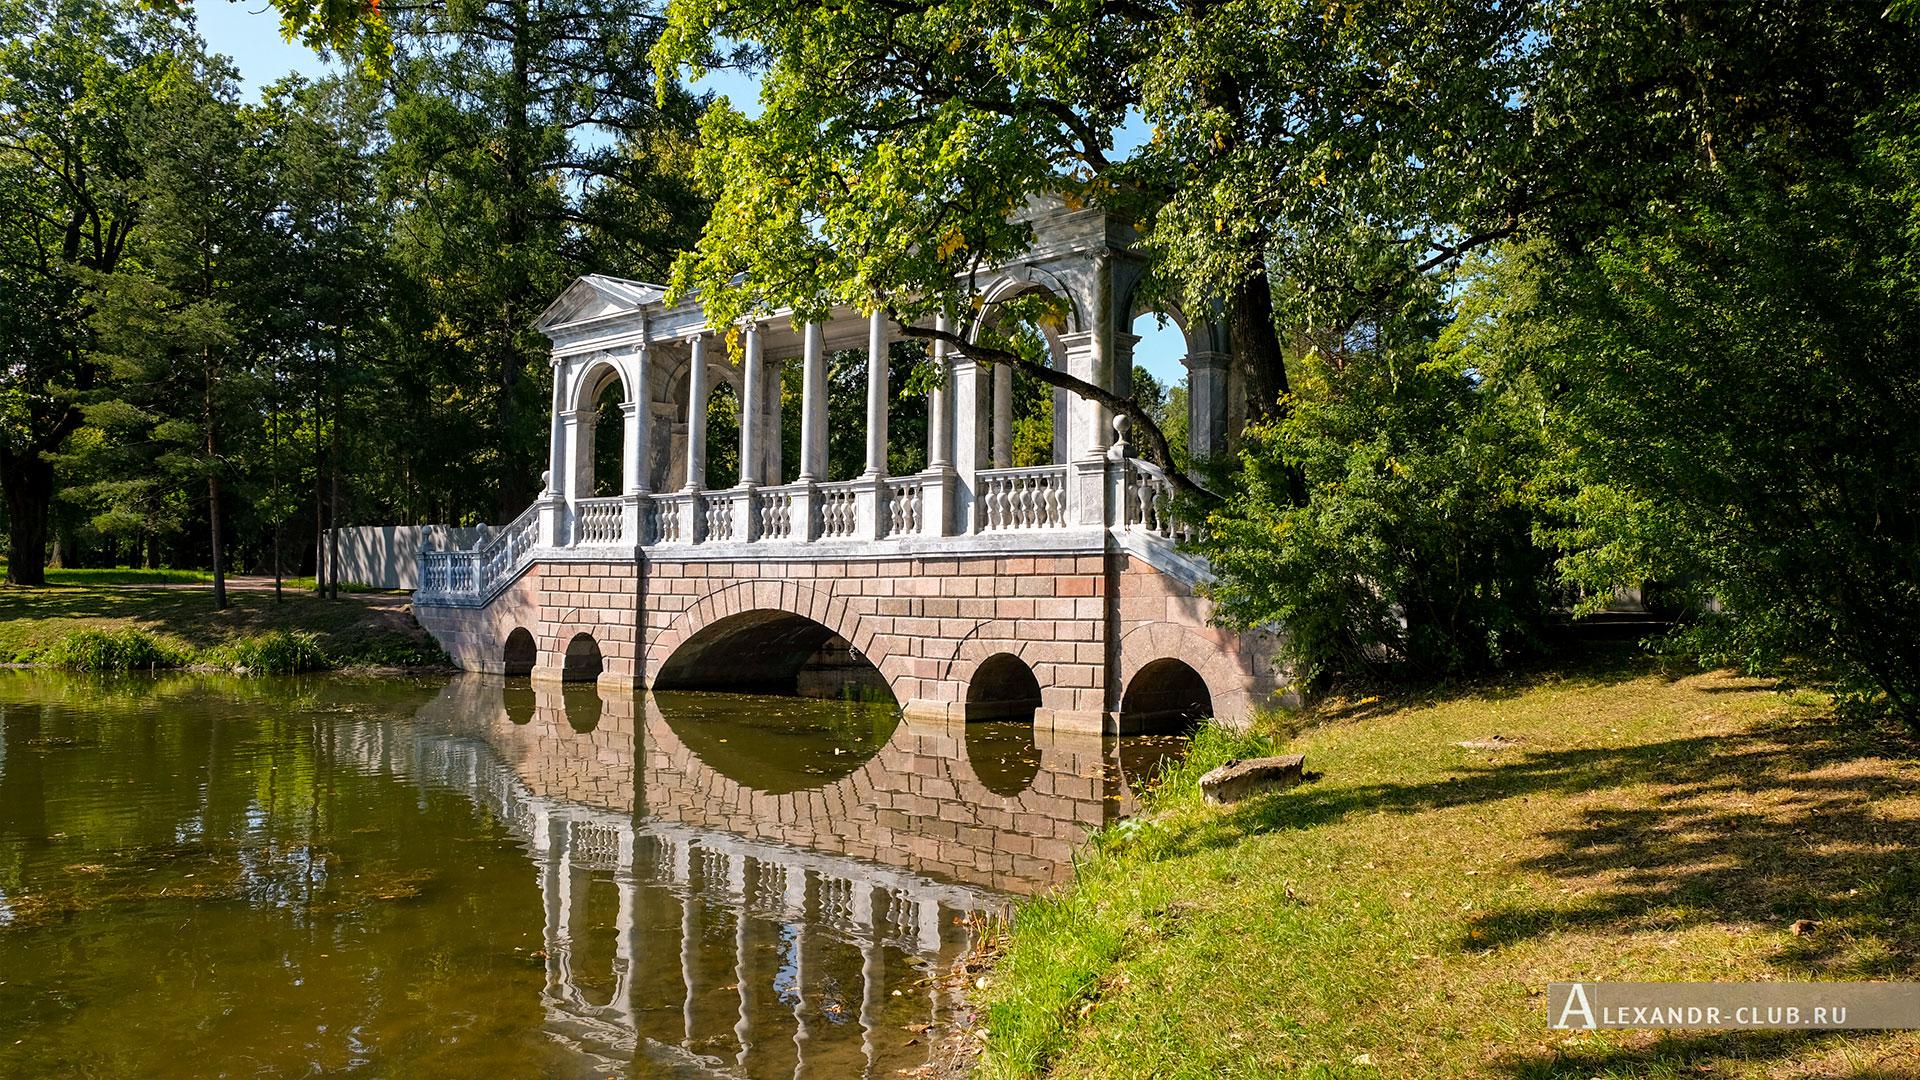 Царское Село, лето, Екатерининский парк, Мраморный Палладиев мост